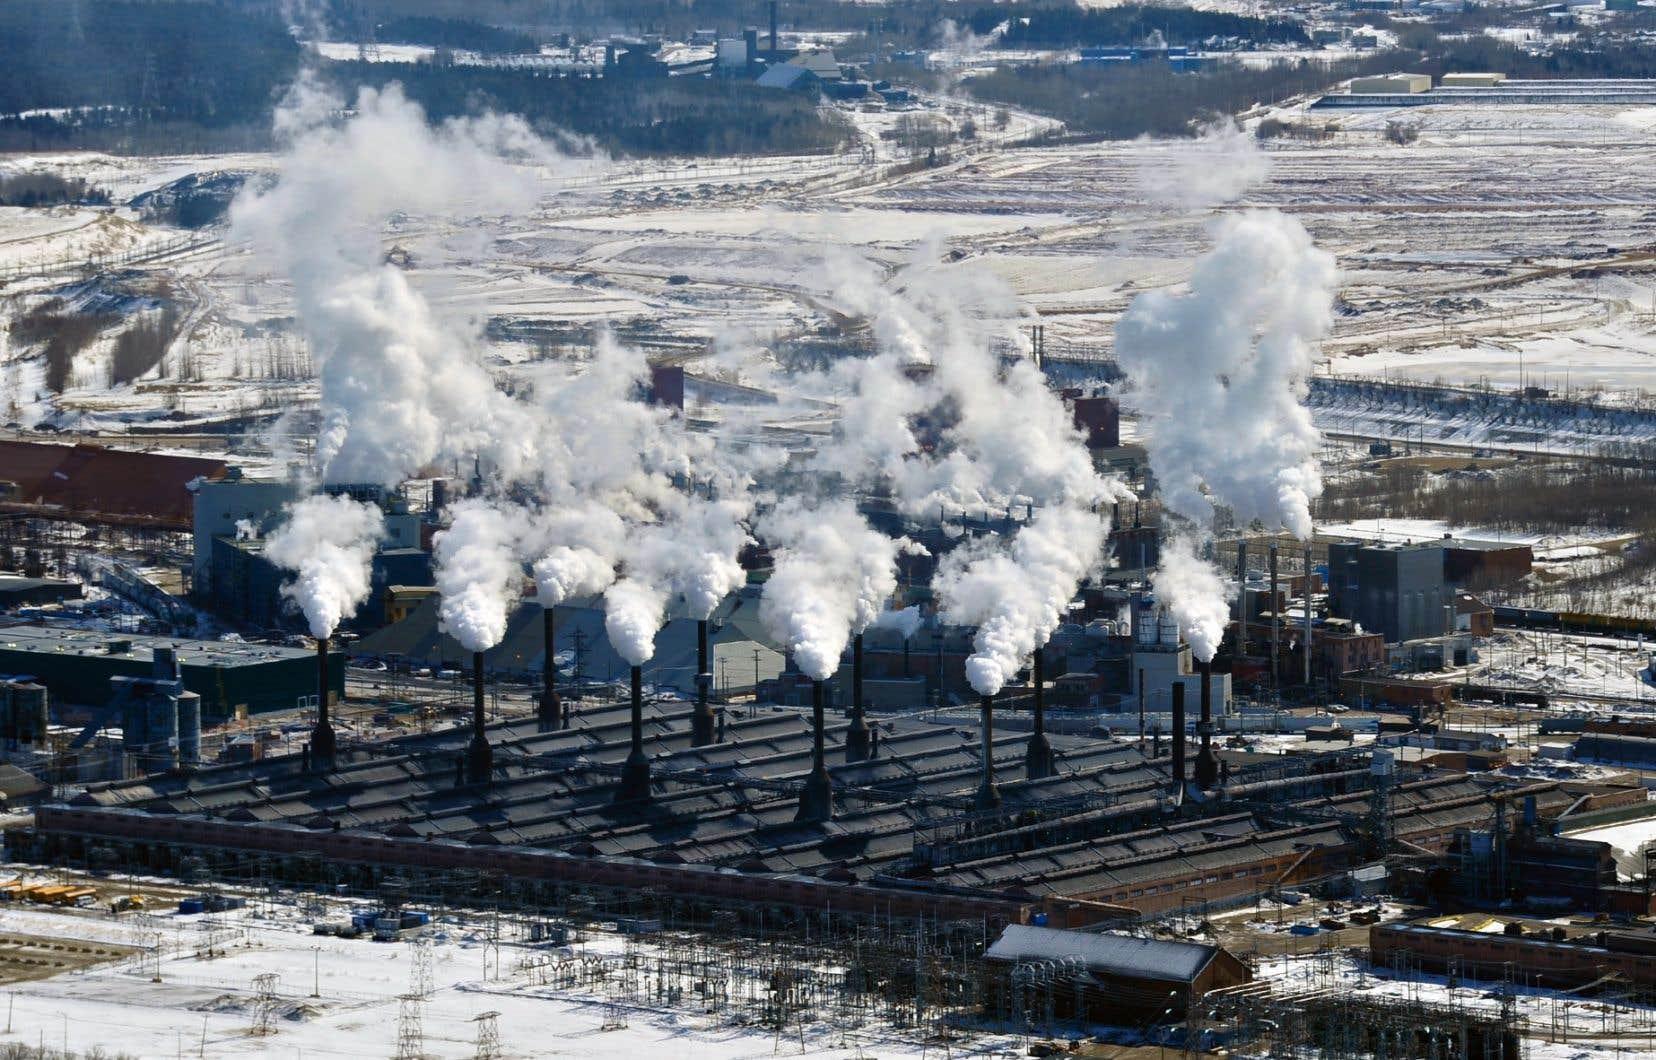 La rencontre des premiers ministres provinciaux sera la première depuis l'élection de François Legault au Québec, de Doug Ford en Ontario et de Blaine Higgs au Nouveau-Brunswick. Le sujet de l'environnement pourrait provoquer des échanges musclés.